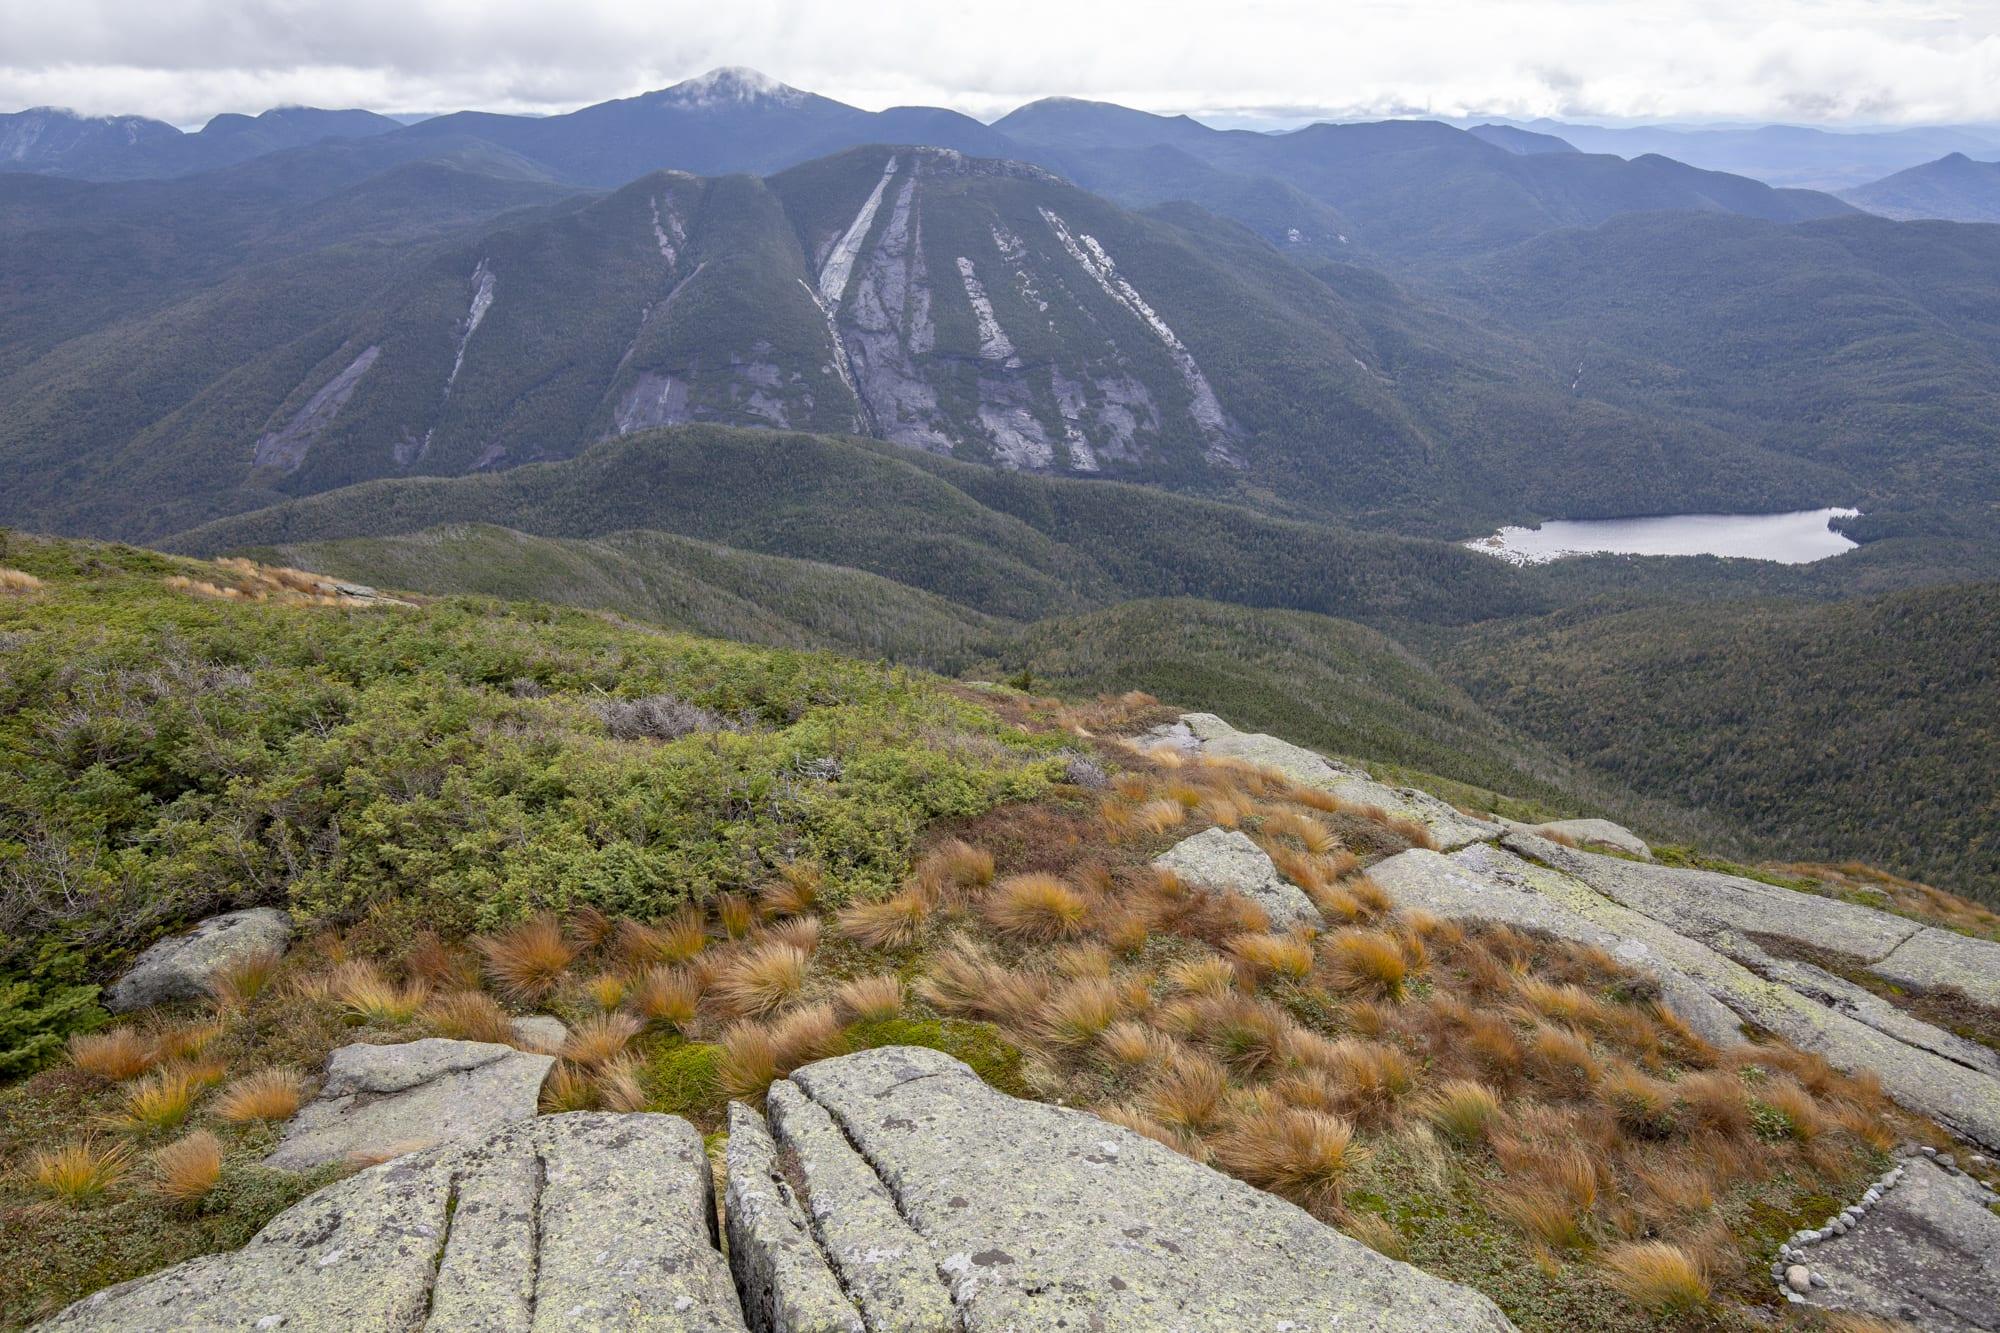 Eastern High Peaks Wilderness